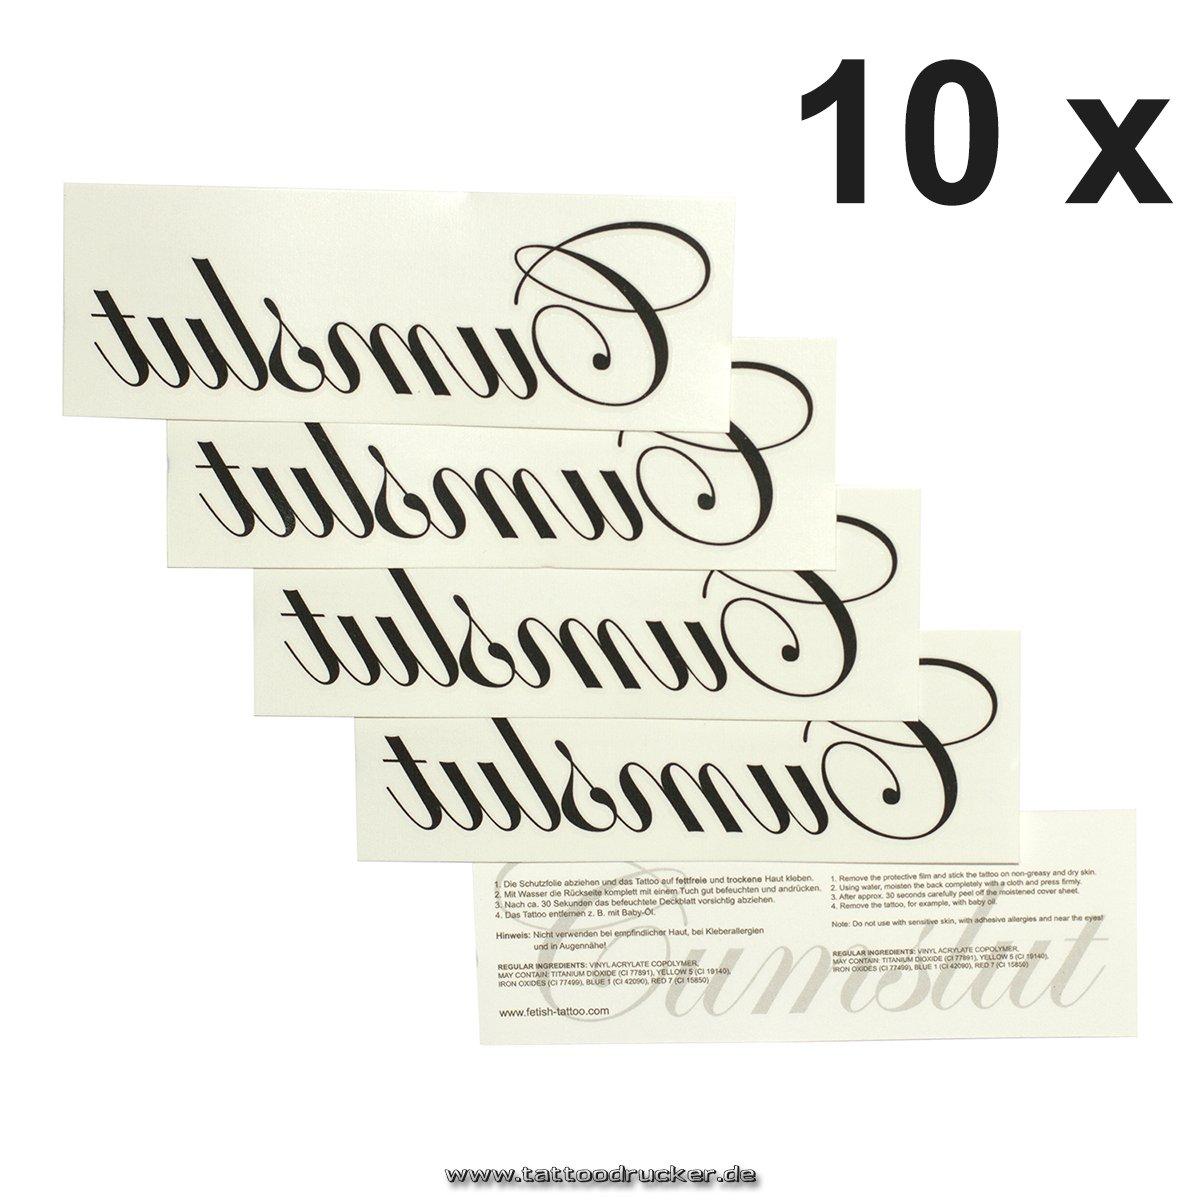 Amazon.com: 10 x Cumslut - Tattoo lettering in black - Temporary ...